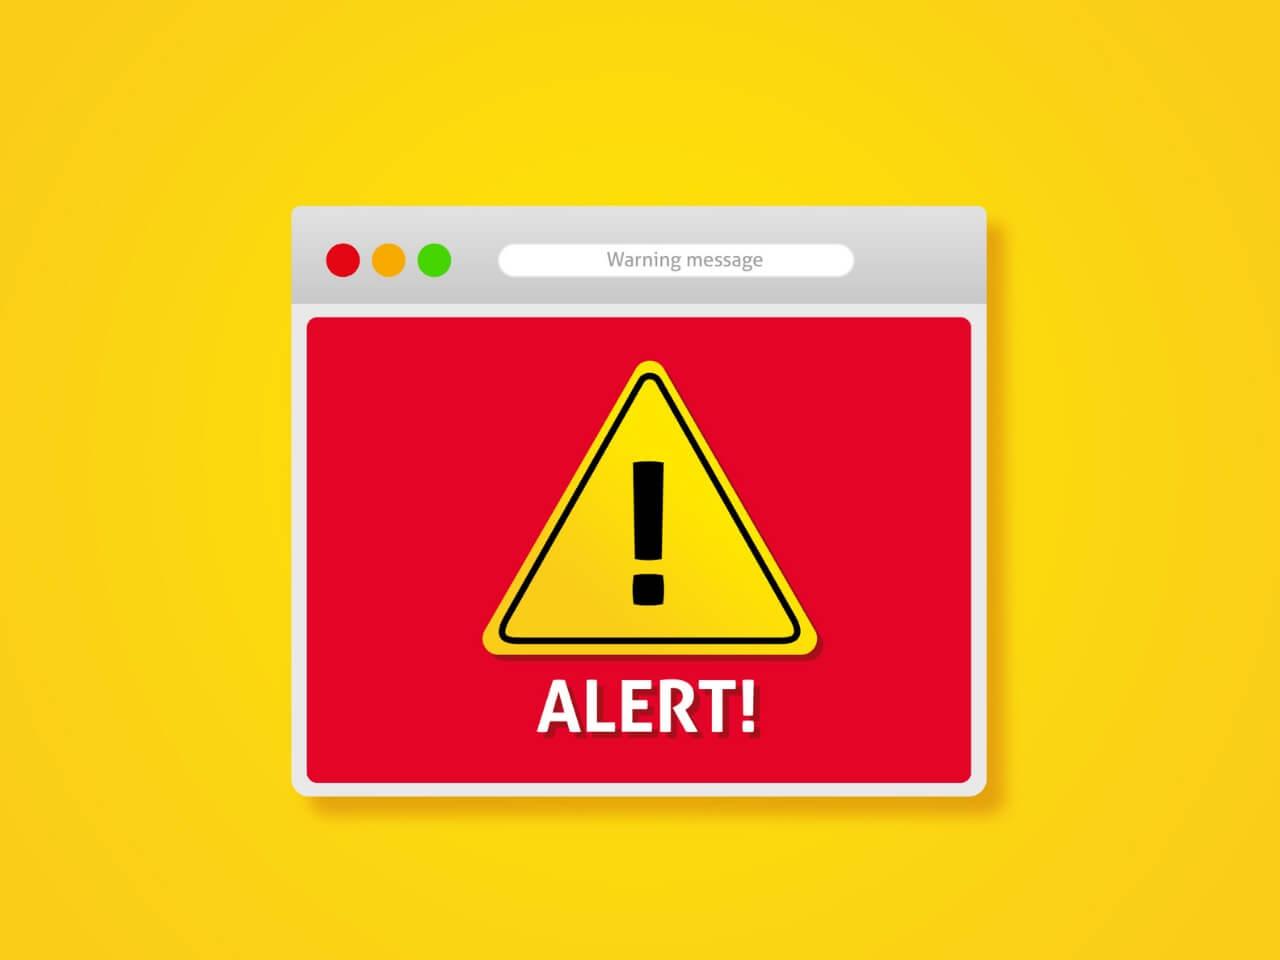 警告を表示するパソコン画面